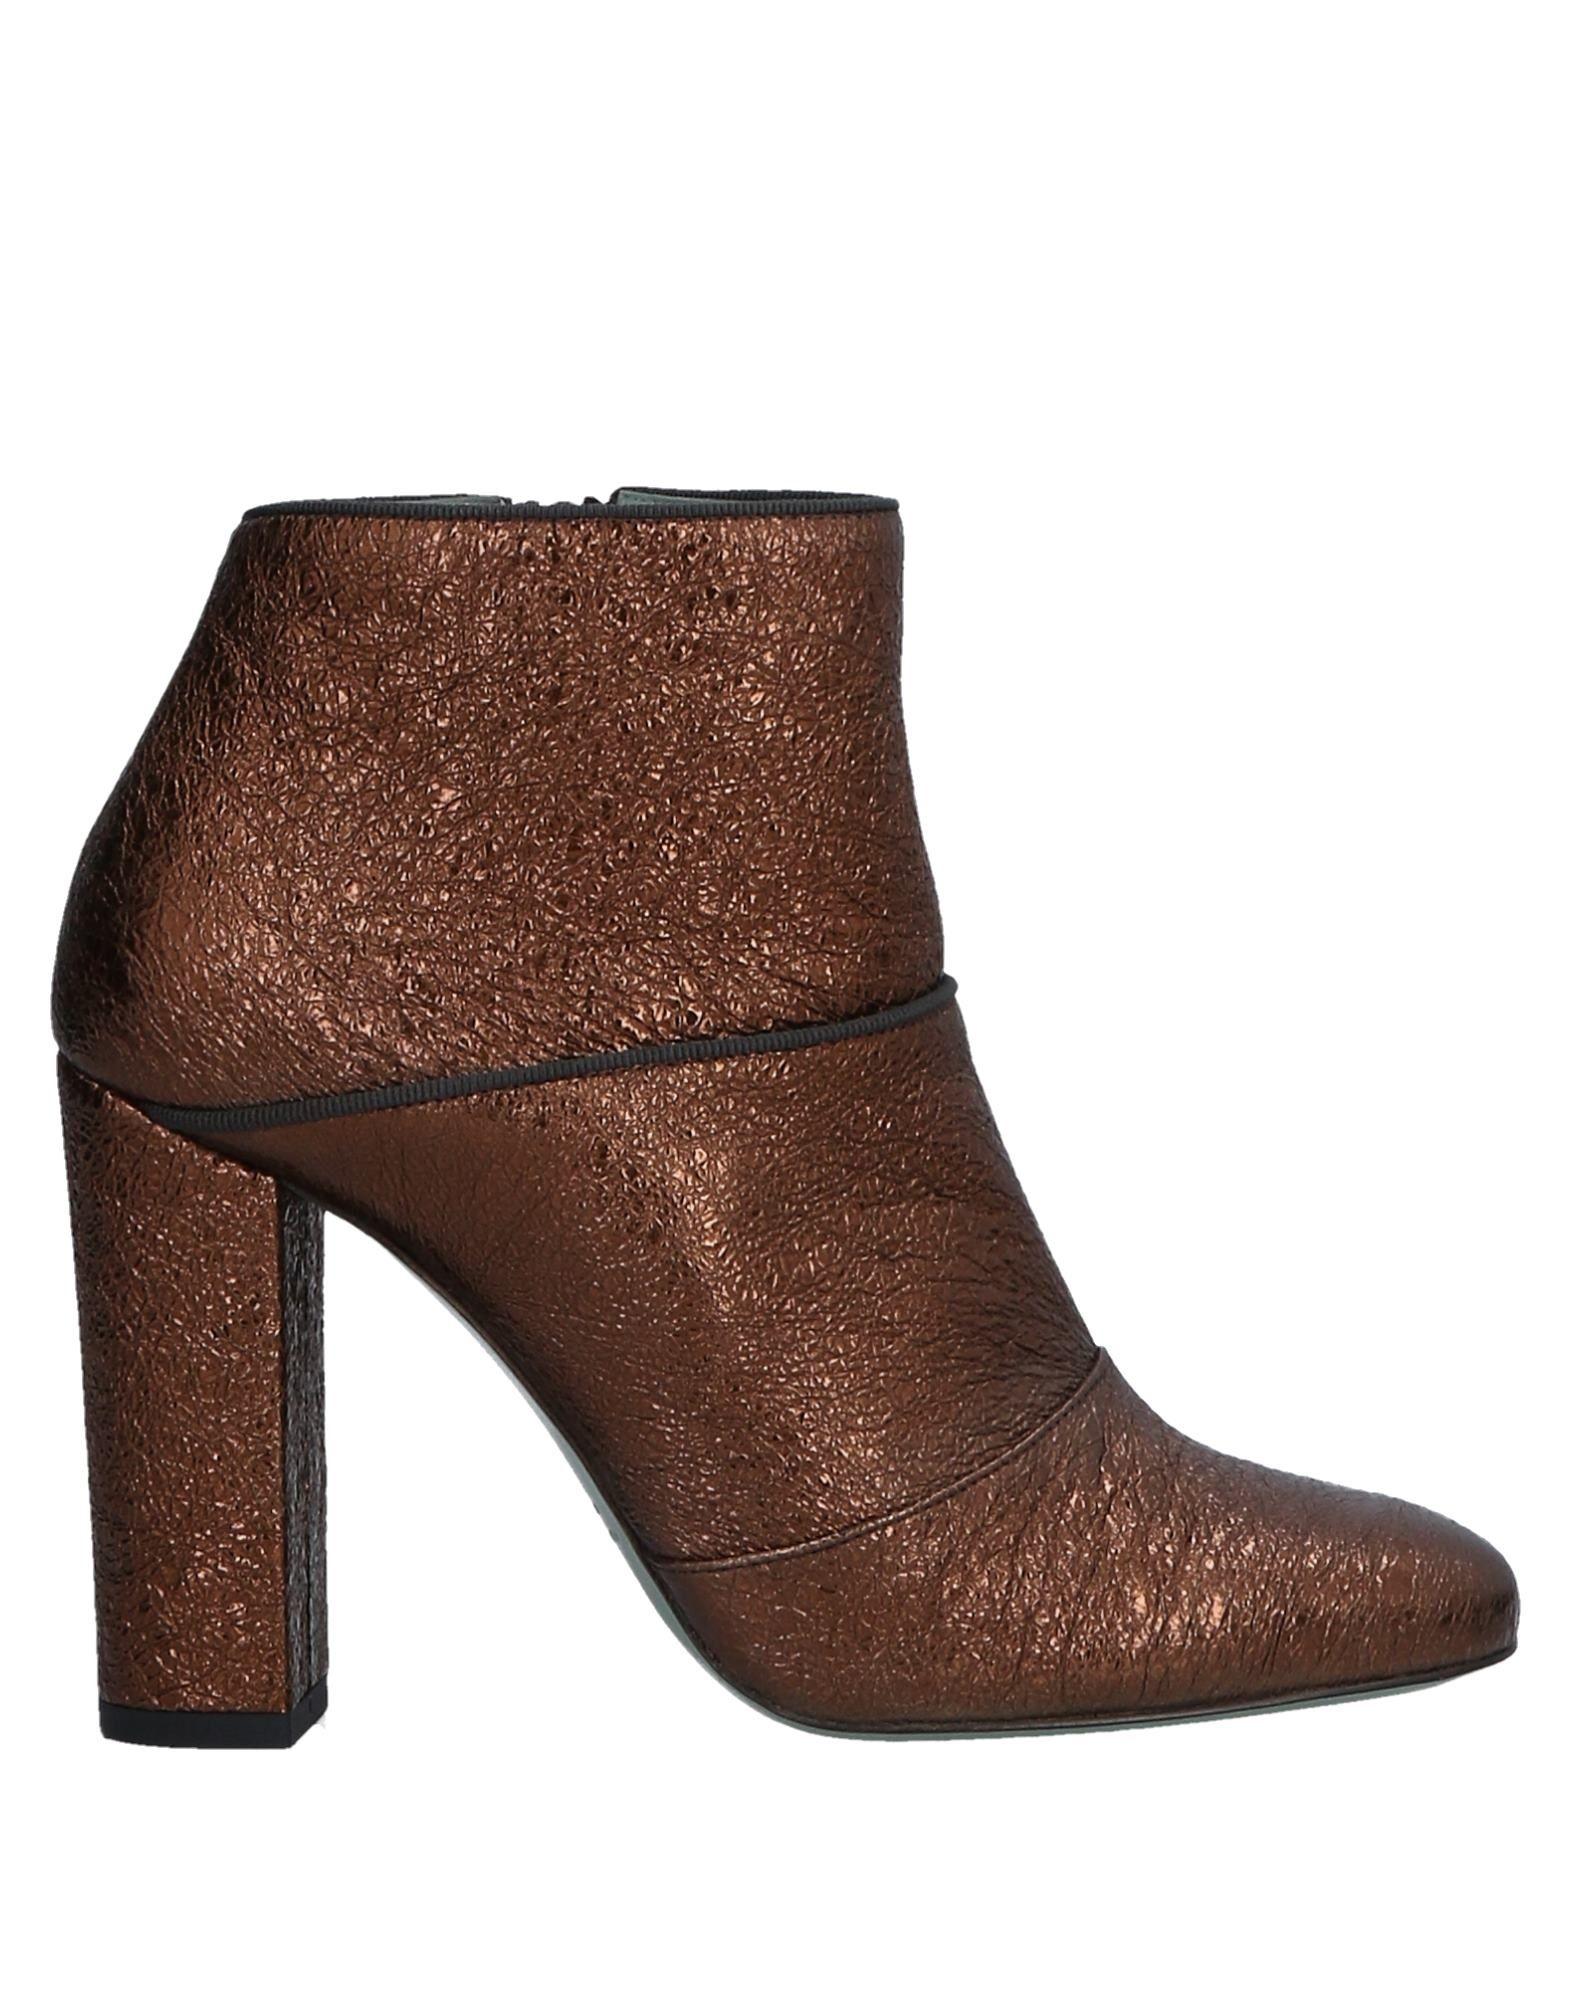 Paola D'arcano Stiefelette Damen  11521451TMGut aussehende strapazierfähige Schuhe